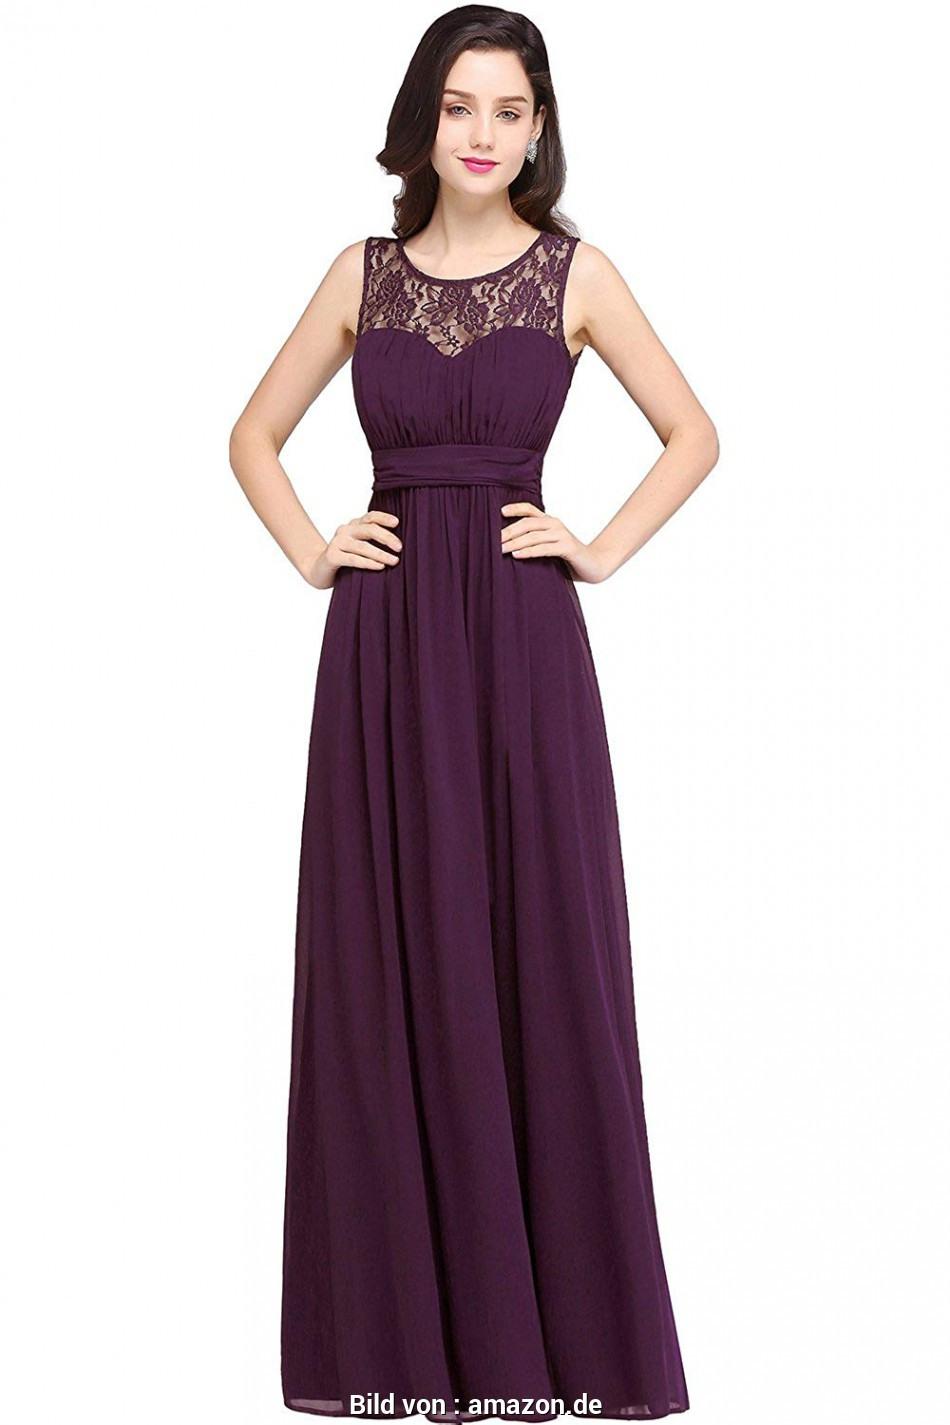 15 Erstaunlich Abendkleid 46 Design Großartig Abendkleid 46 Boutique